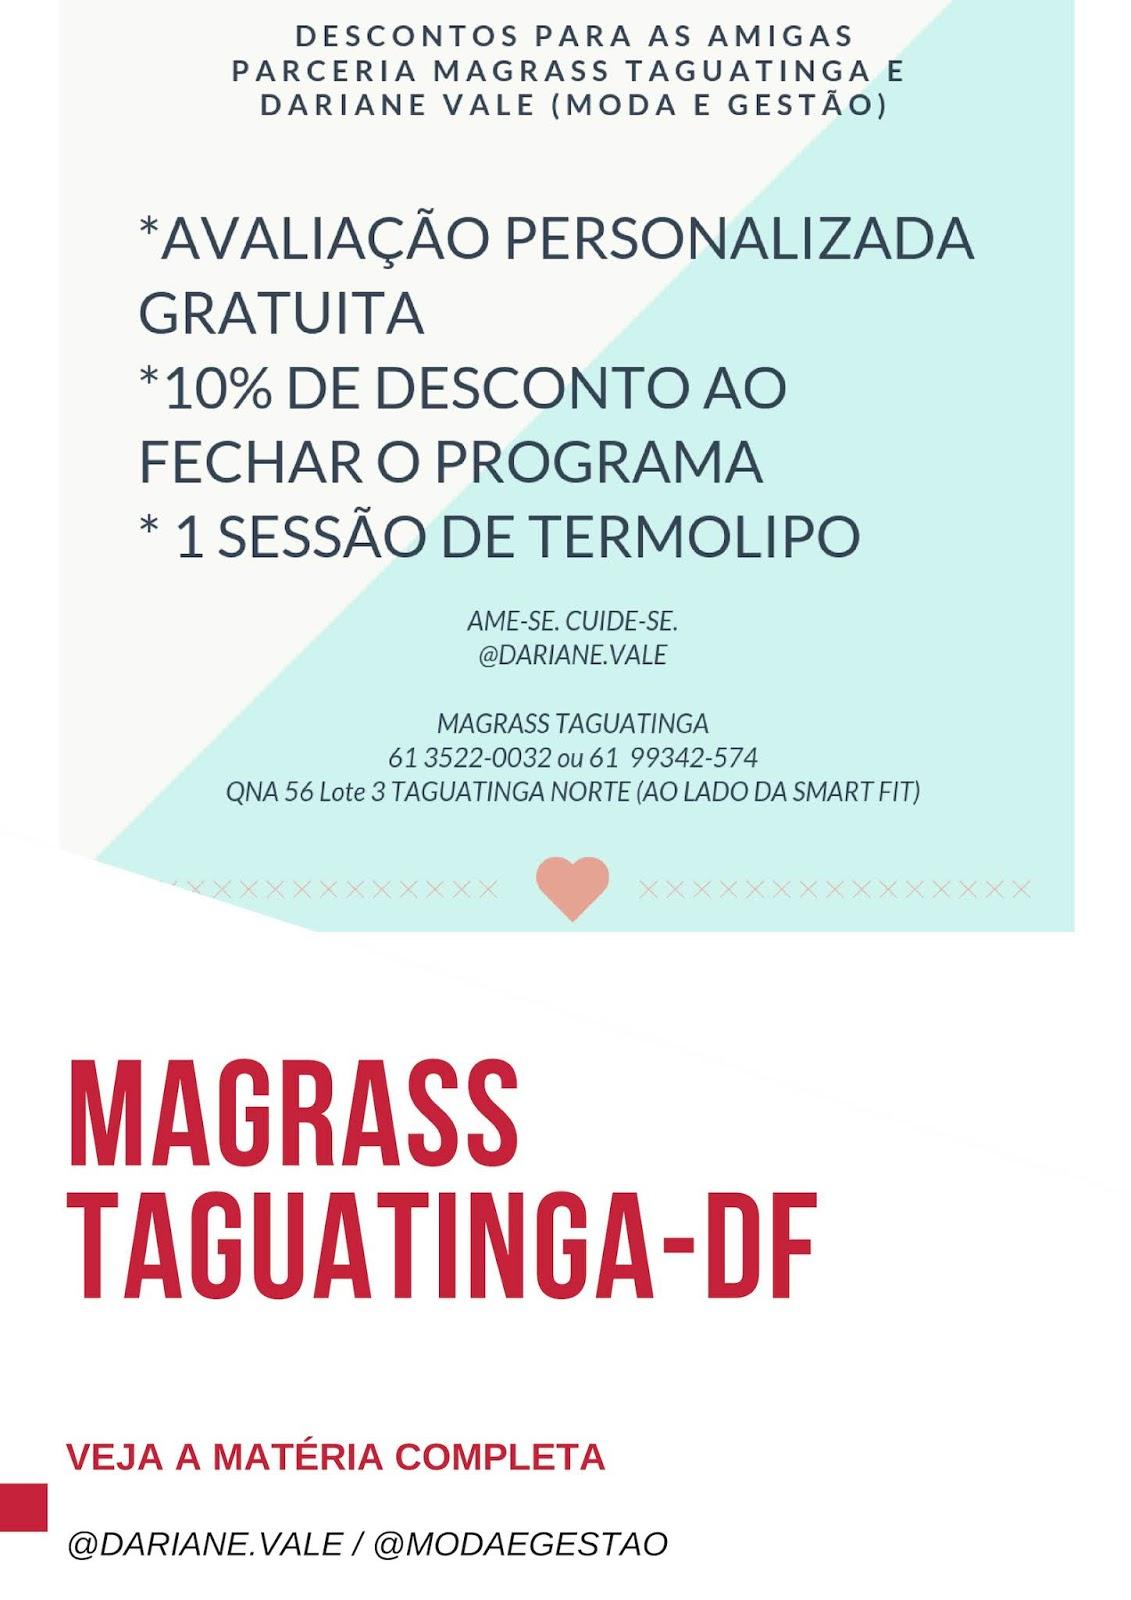 Emagrecendo saudavelmente com Magrass Taguatinga: diário de transformação